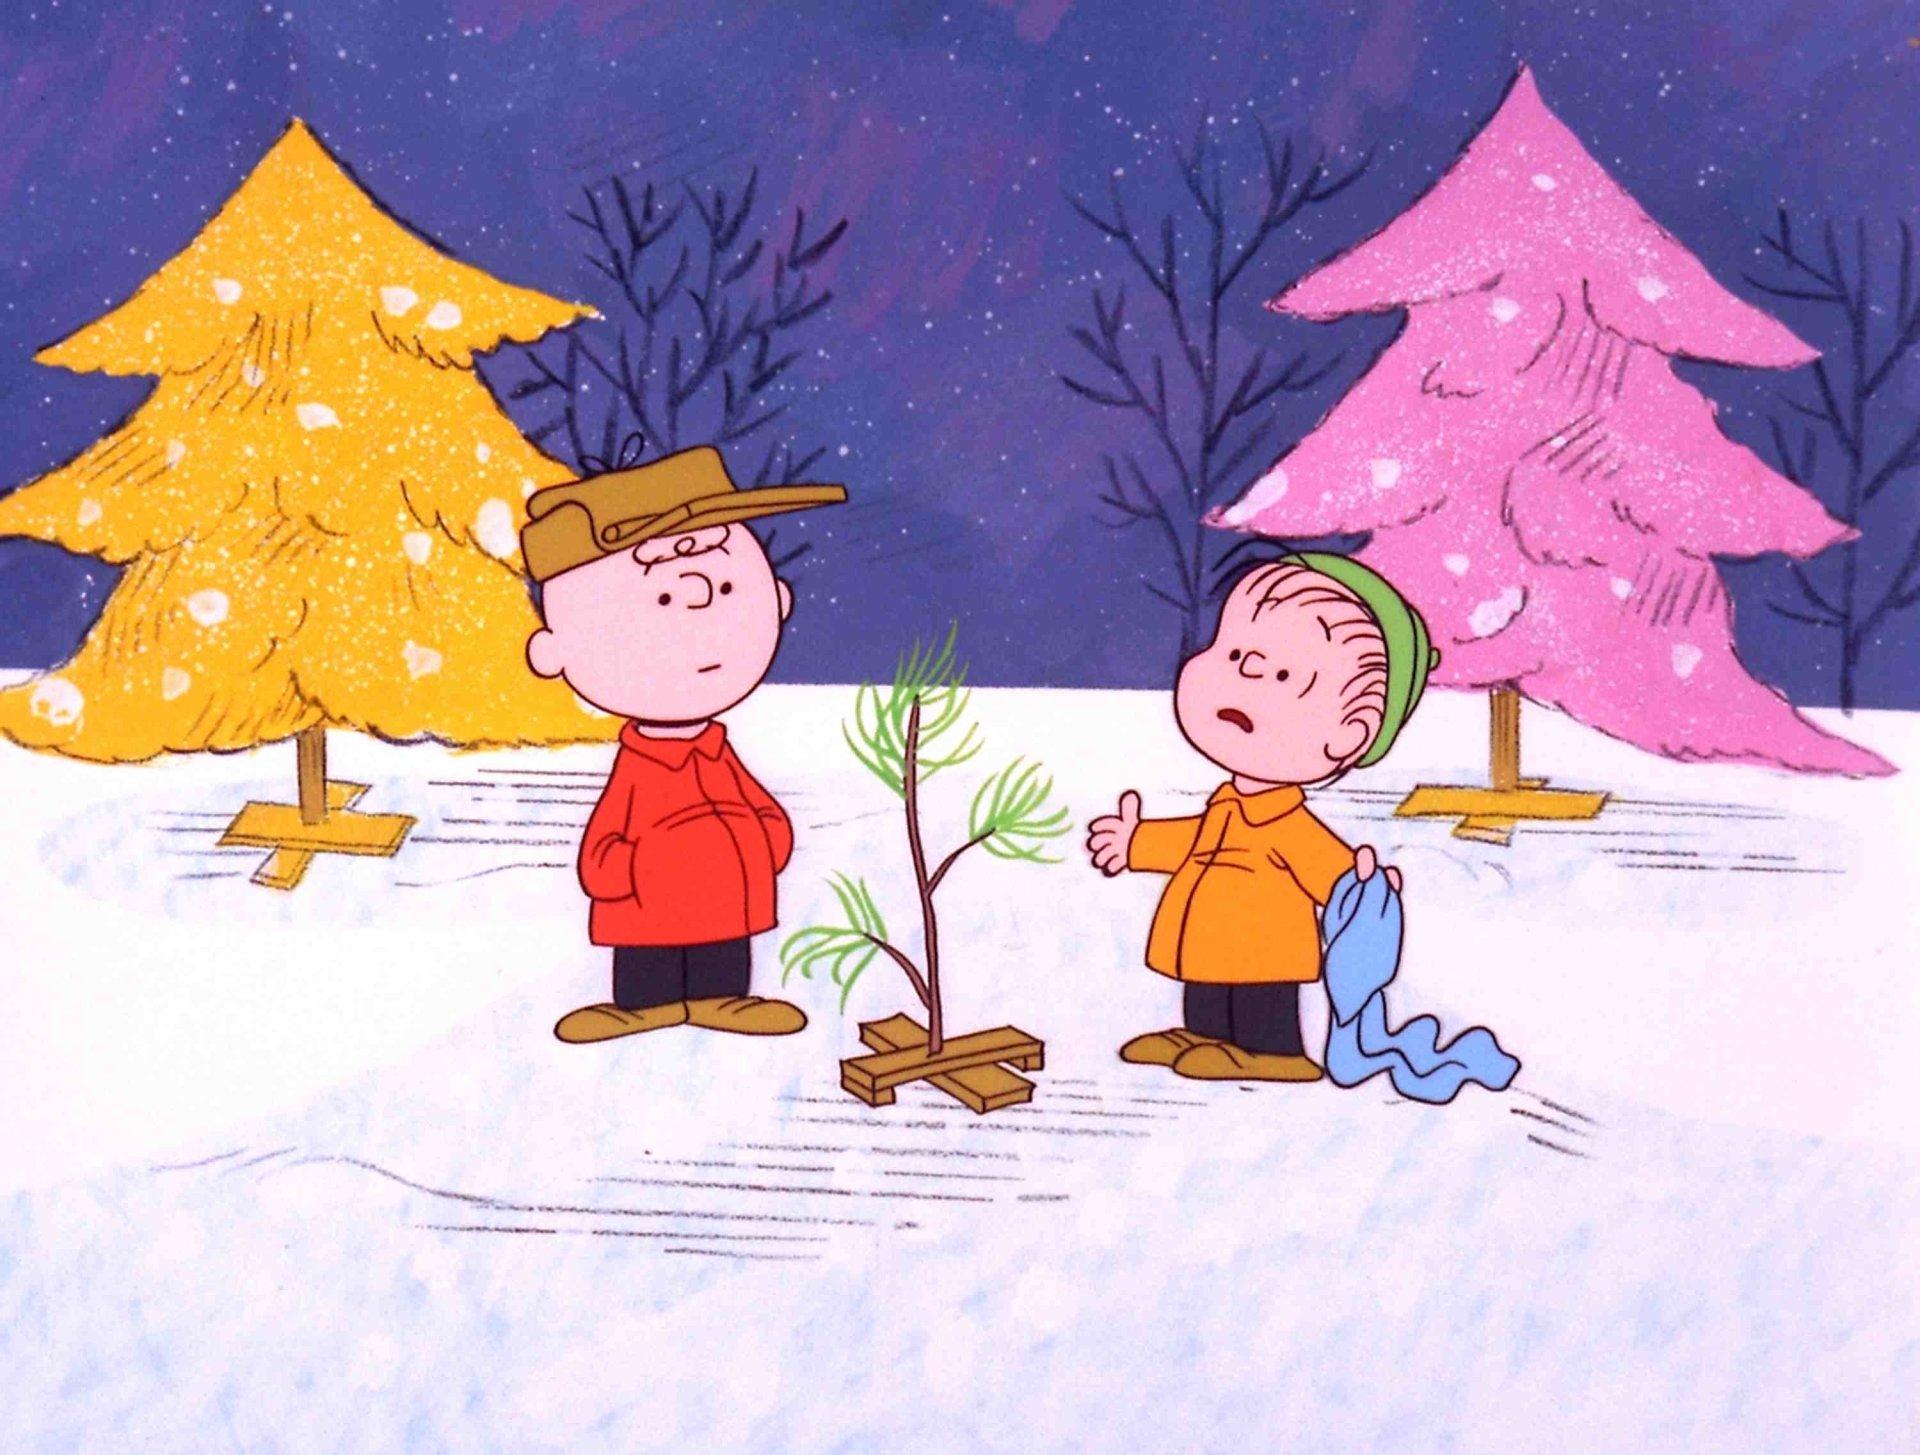 2560x1440 charlie brown christmas tree